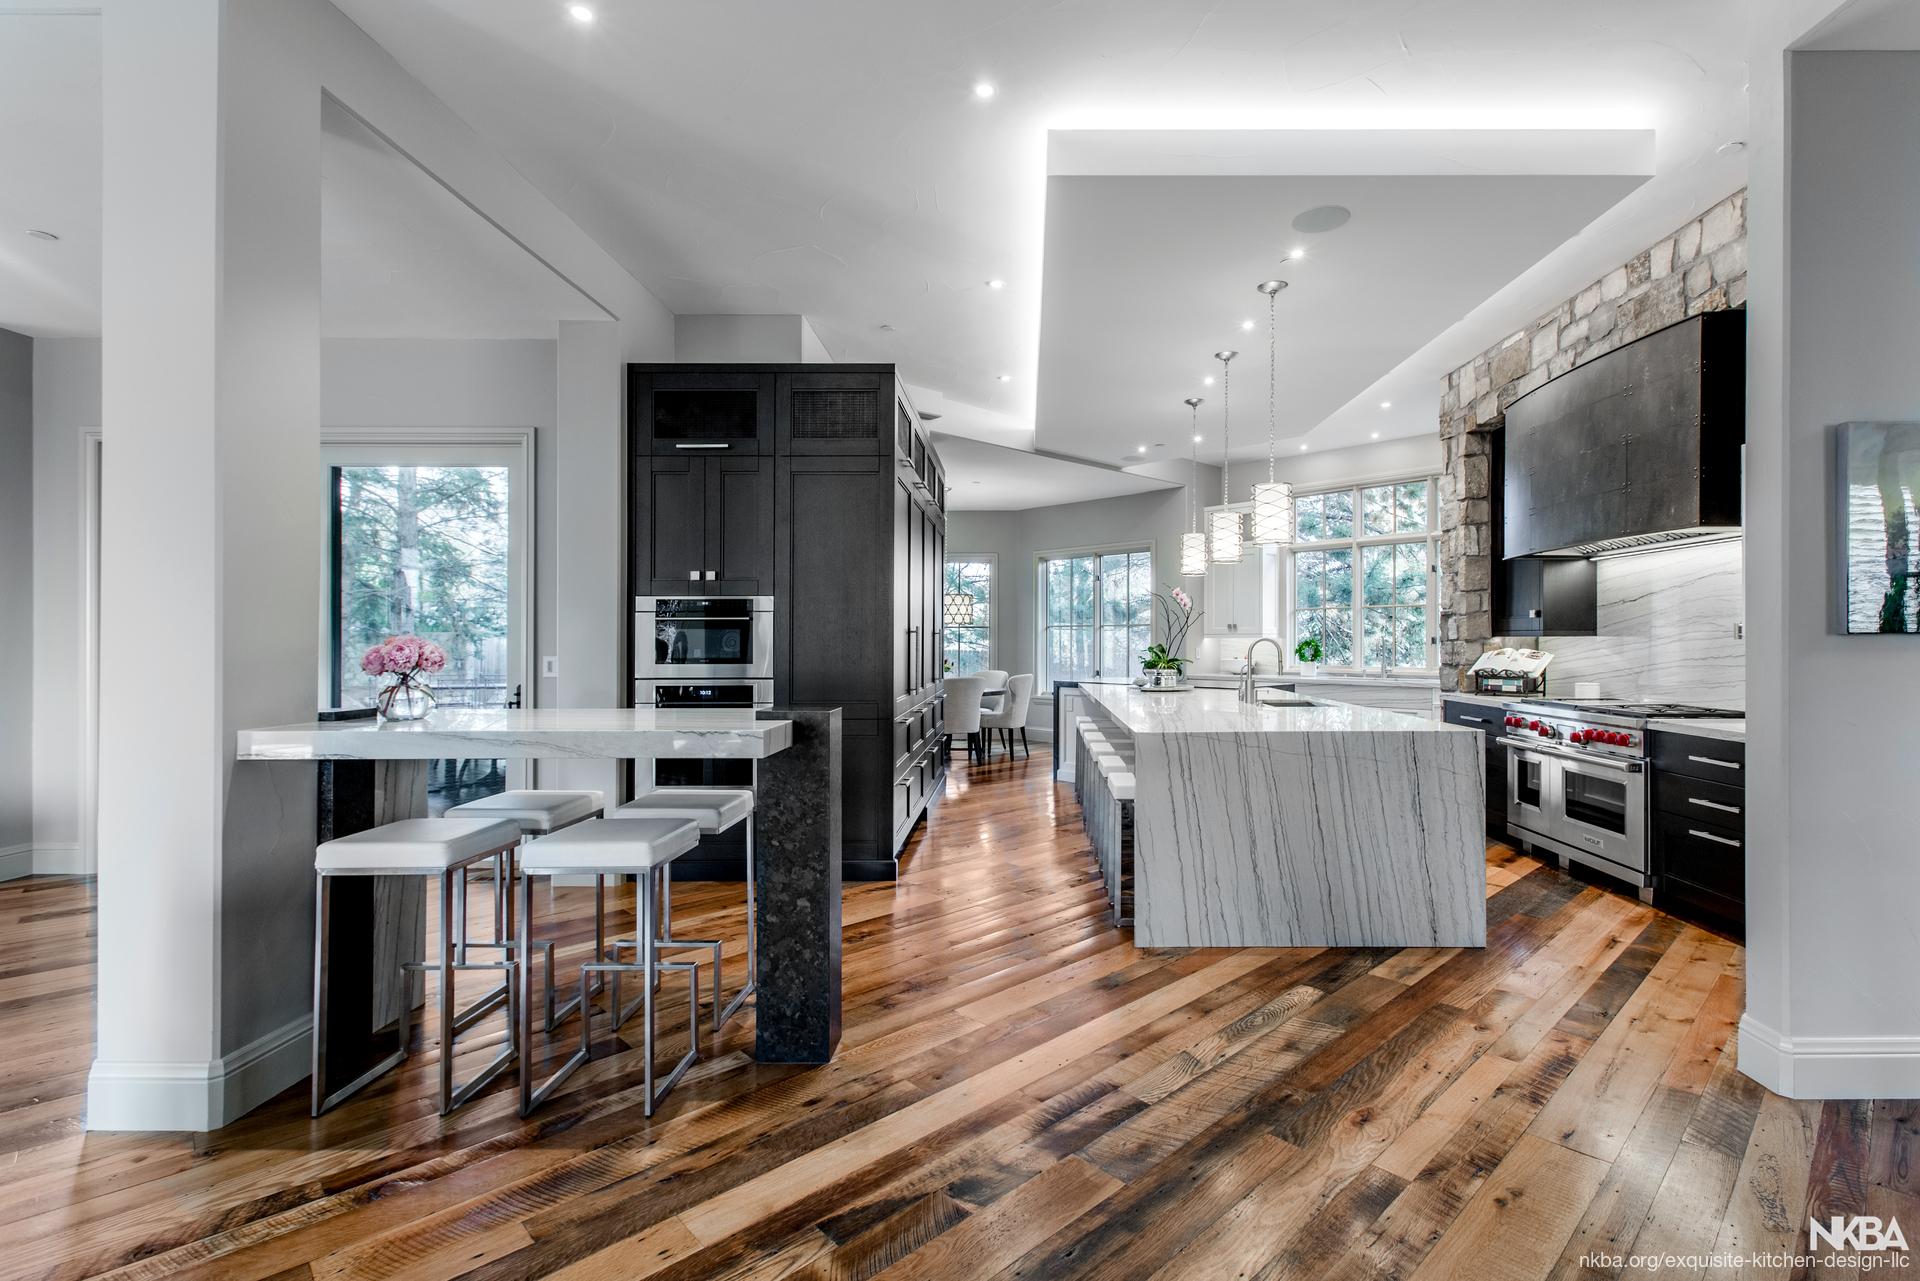 Exquisite Kitchen Design, LLC - NKBA